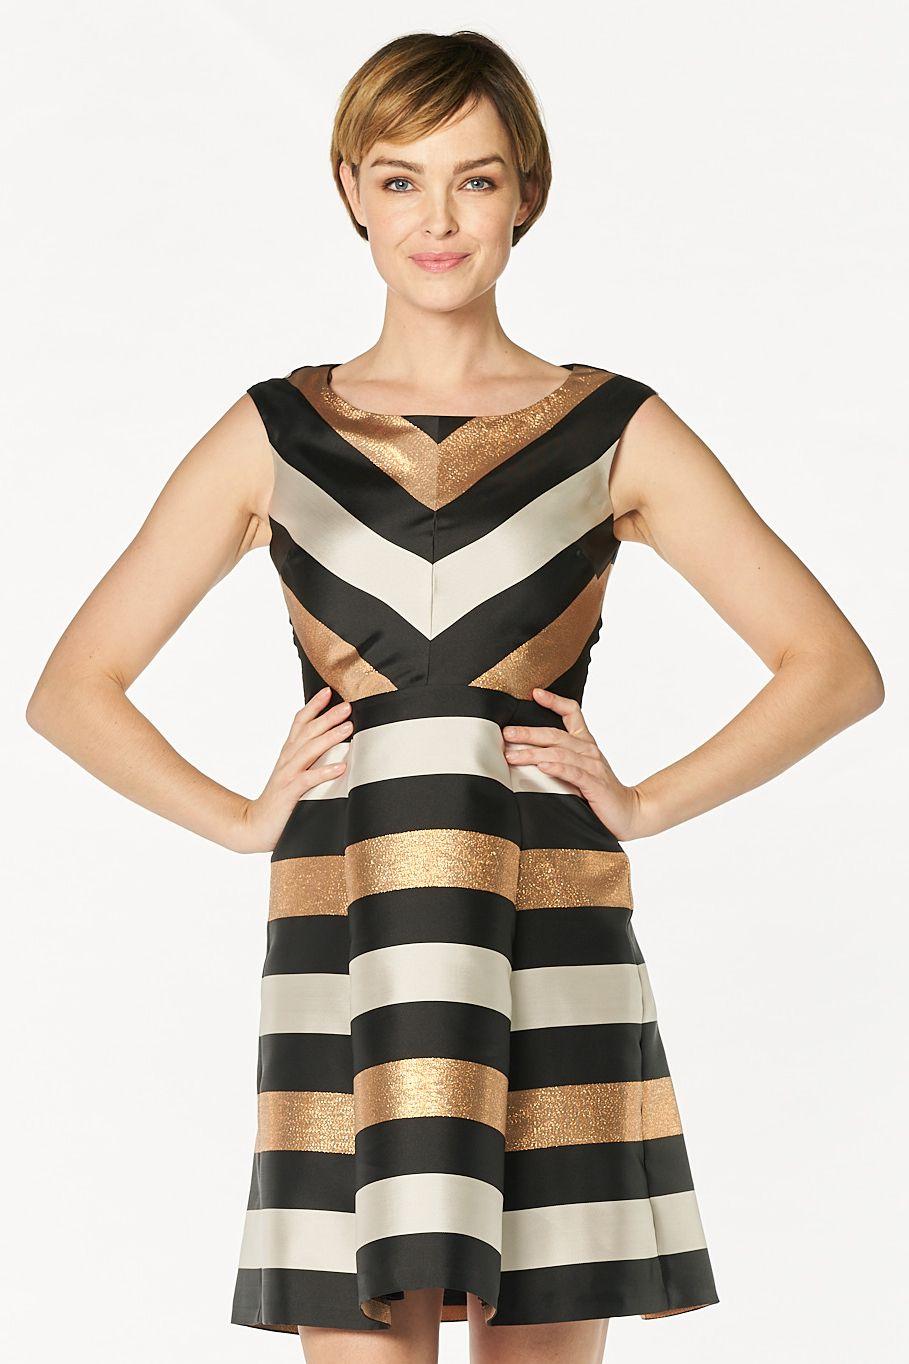 Vera Mont Cocktailkleid gold, schwarz, weiß | Vera mont, elegantes ...